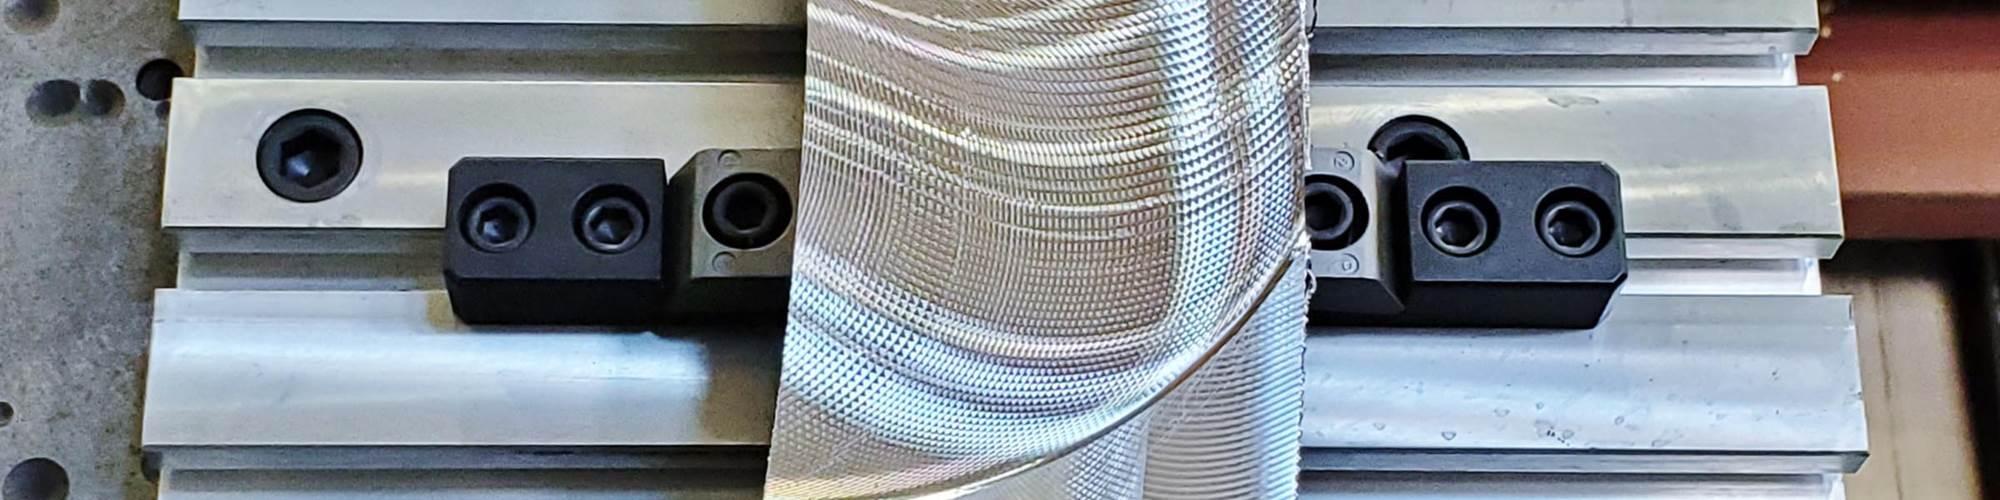 Las abrazaderas Pitbull, de Mitee-Bite, pueden ejercer hasta 12,000 libras de presión.